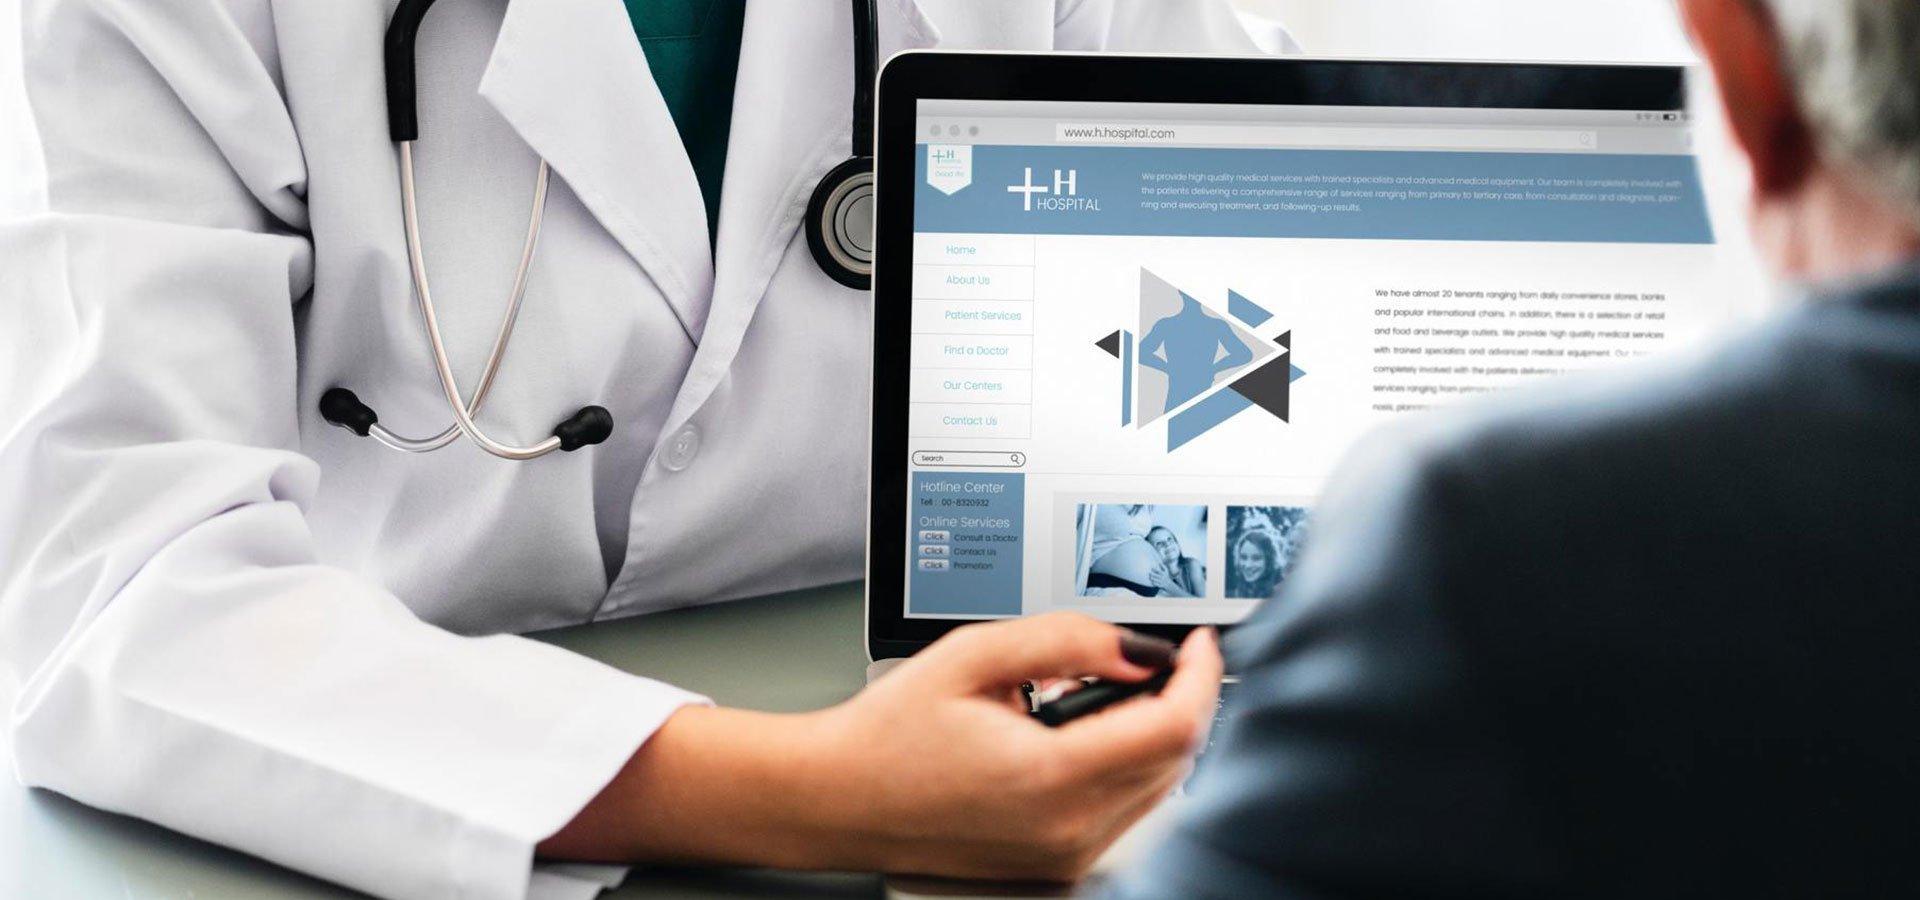 Страхование от врачебных ошибок перед операцией (можно ли застраховаться от ошибки врача)